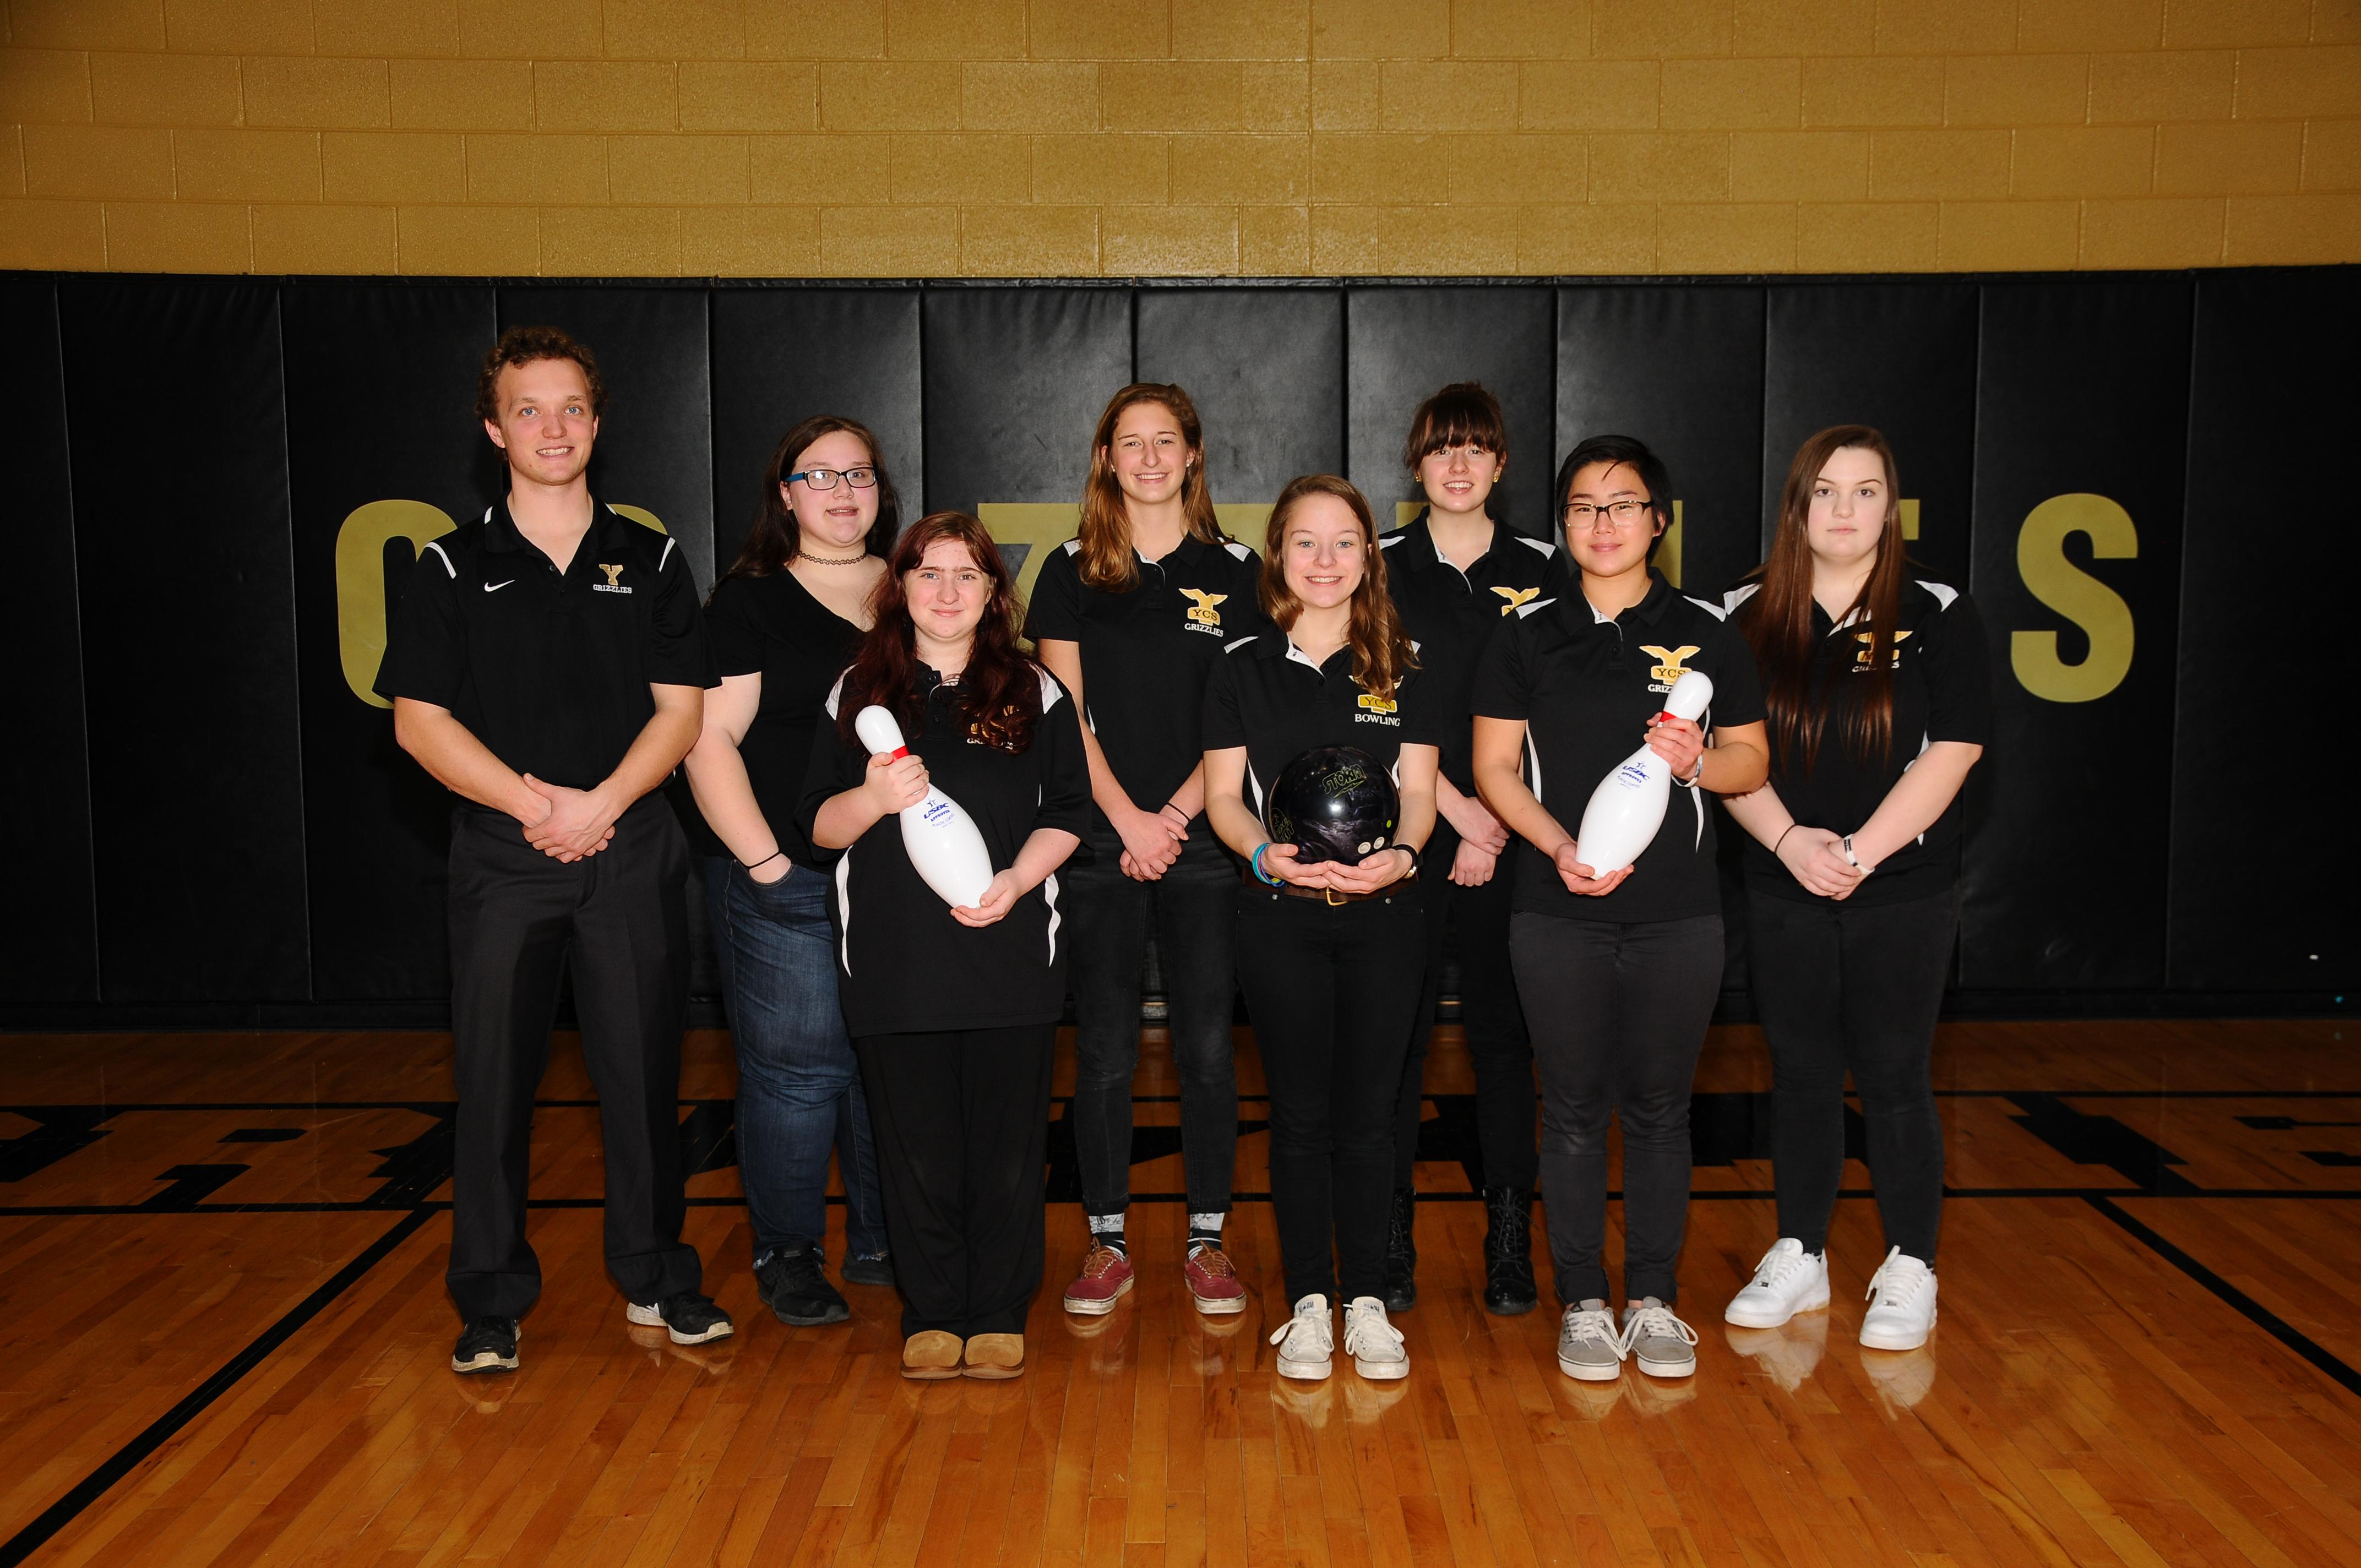 YCHS Coed Bowling Team